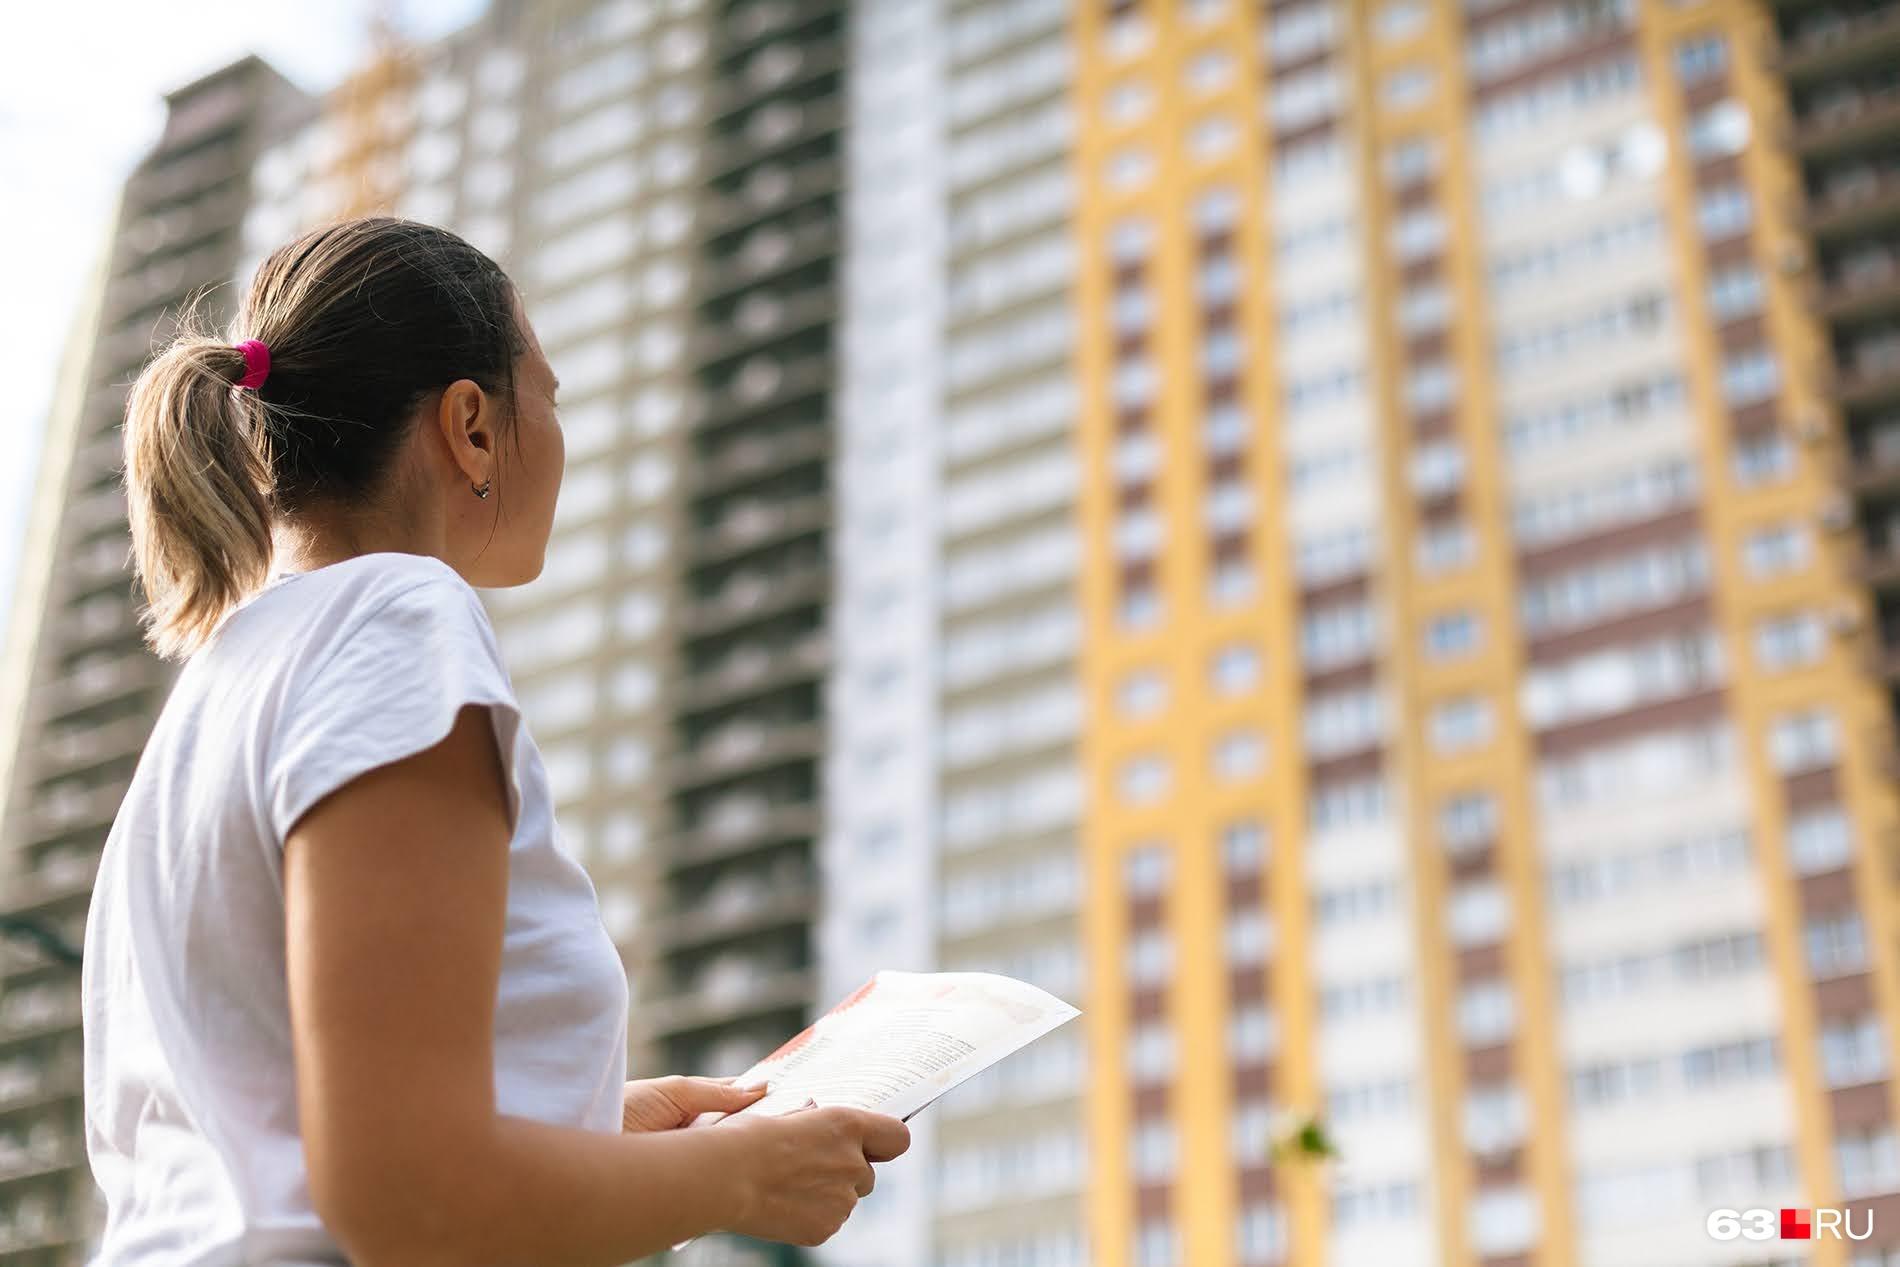 Льготная ипотека останется, но повысится ставка и уменьшится размер кредита